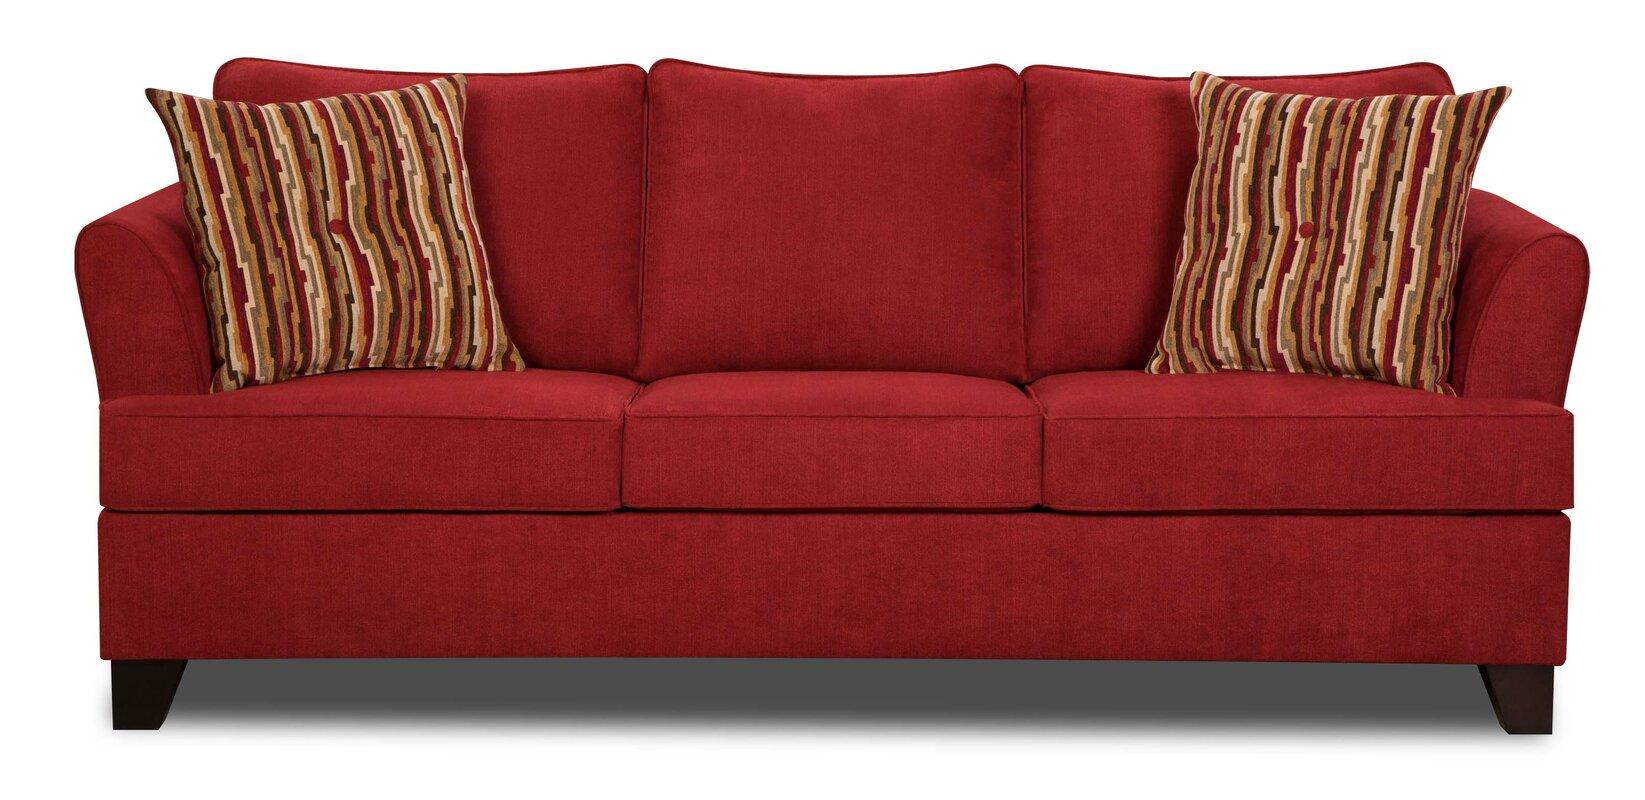 Red Barrel Studio Simmons Upholstery Antin Queen Sleeper Sofa